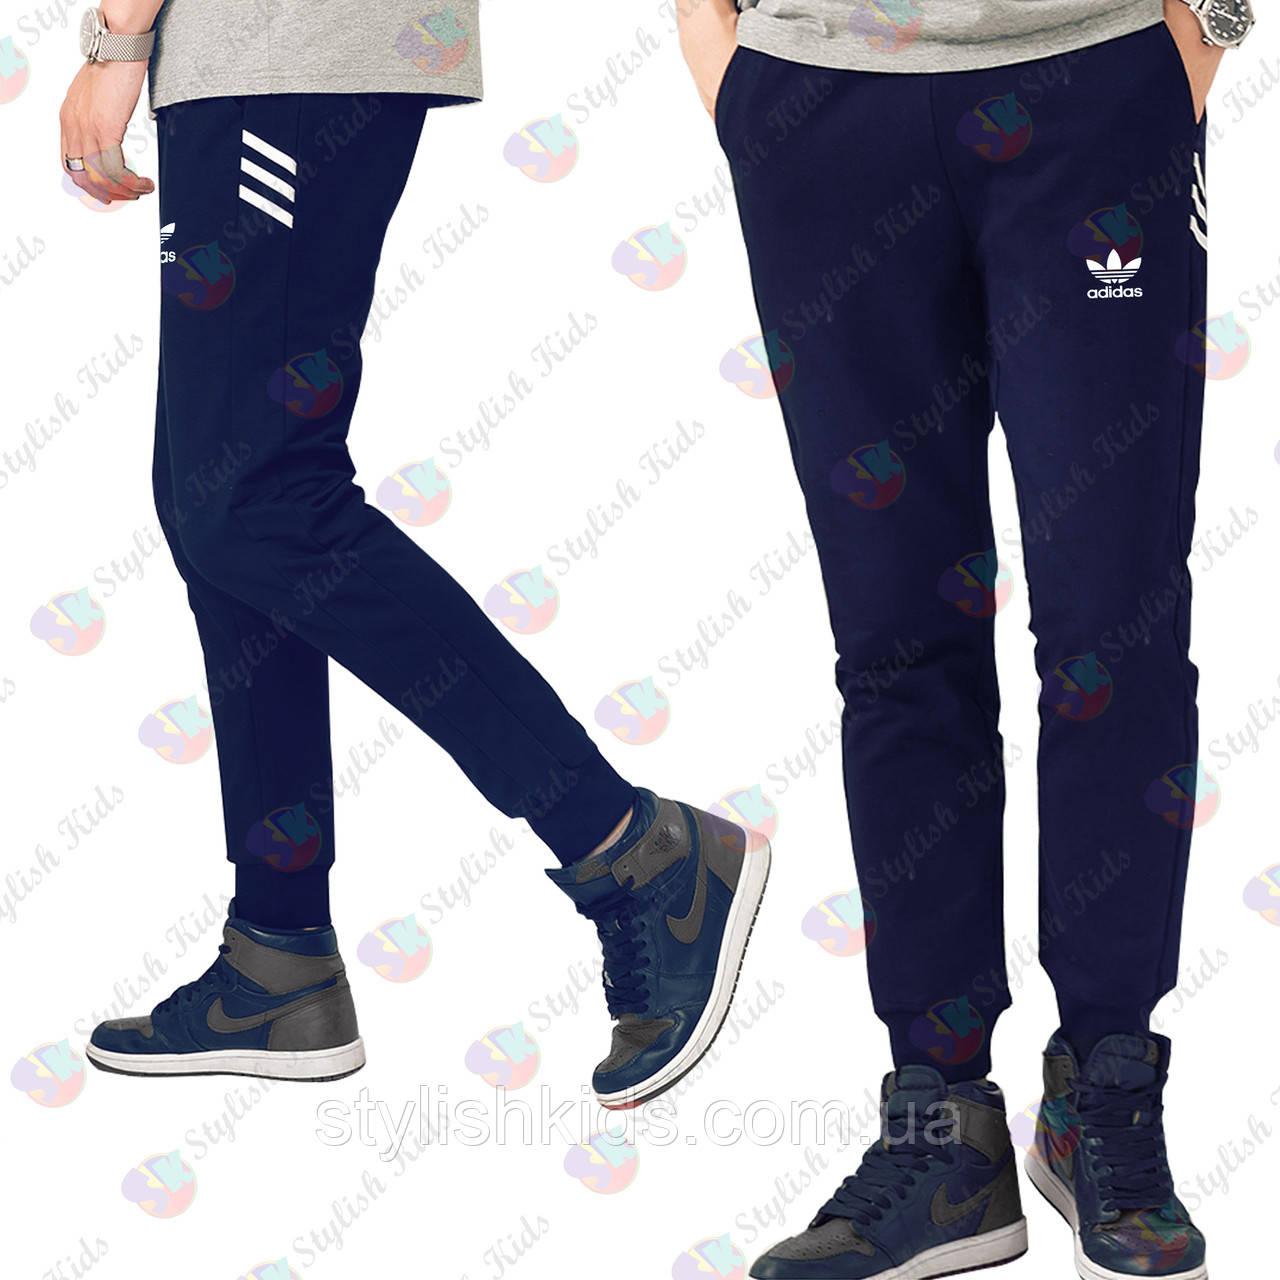 09f2bc3386b8e5 Купить спортивные штаны,брюки adidas на подростка. Спортивные брюки на мальчика  купить в Украине